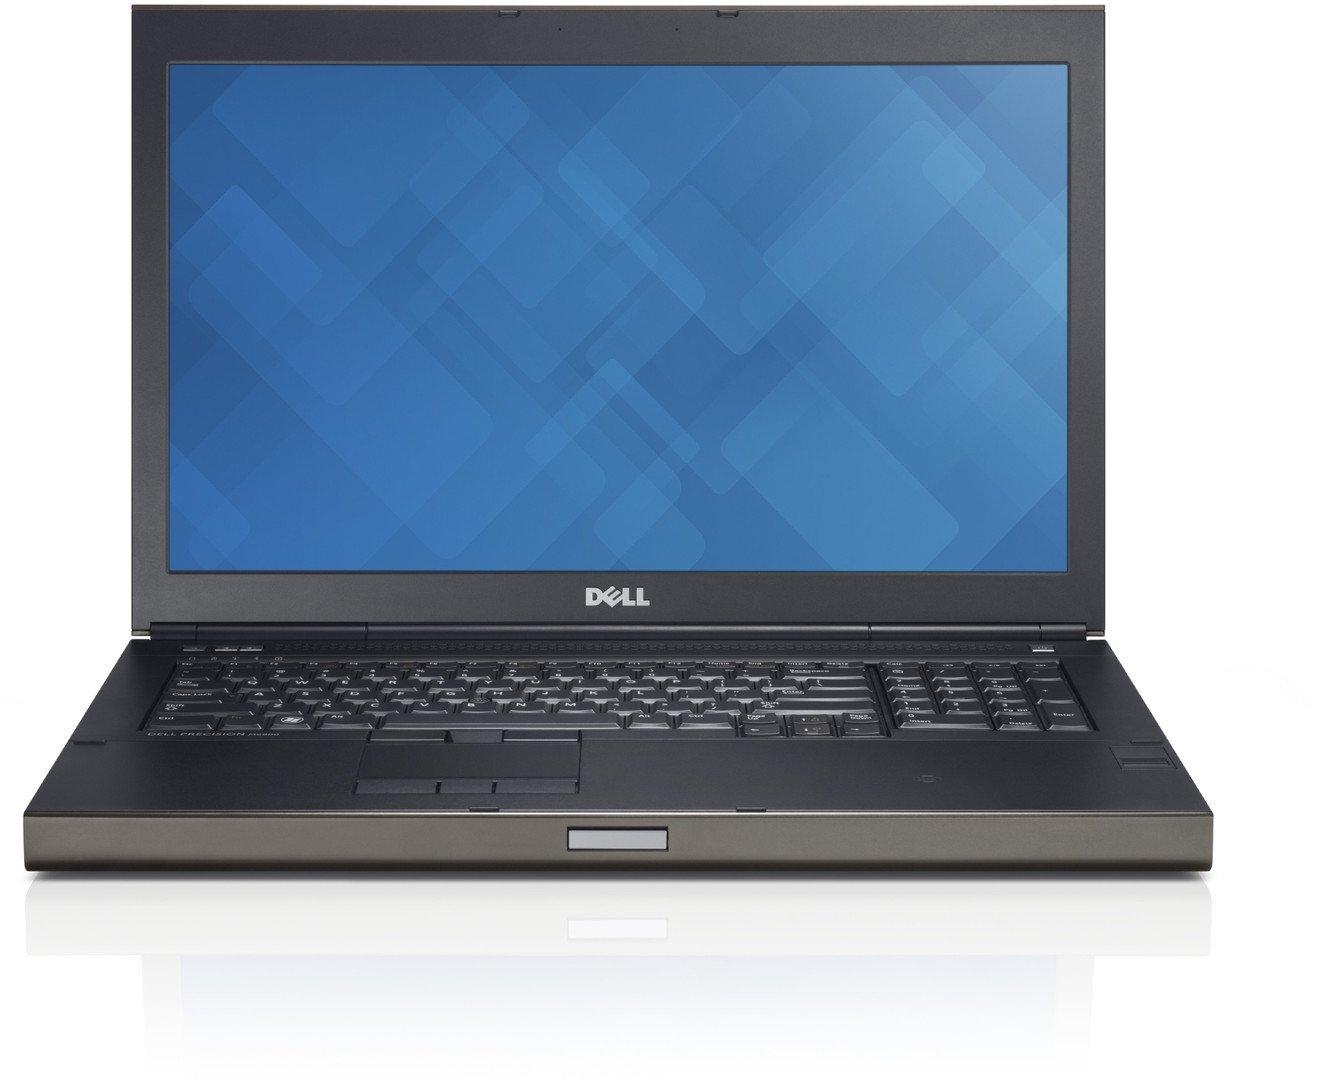 DELL Precision M6800 I7